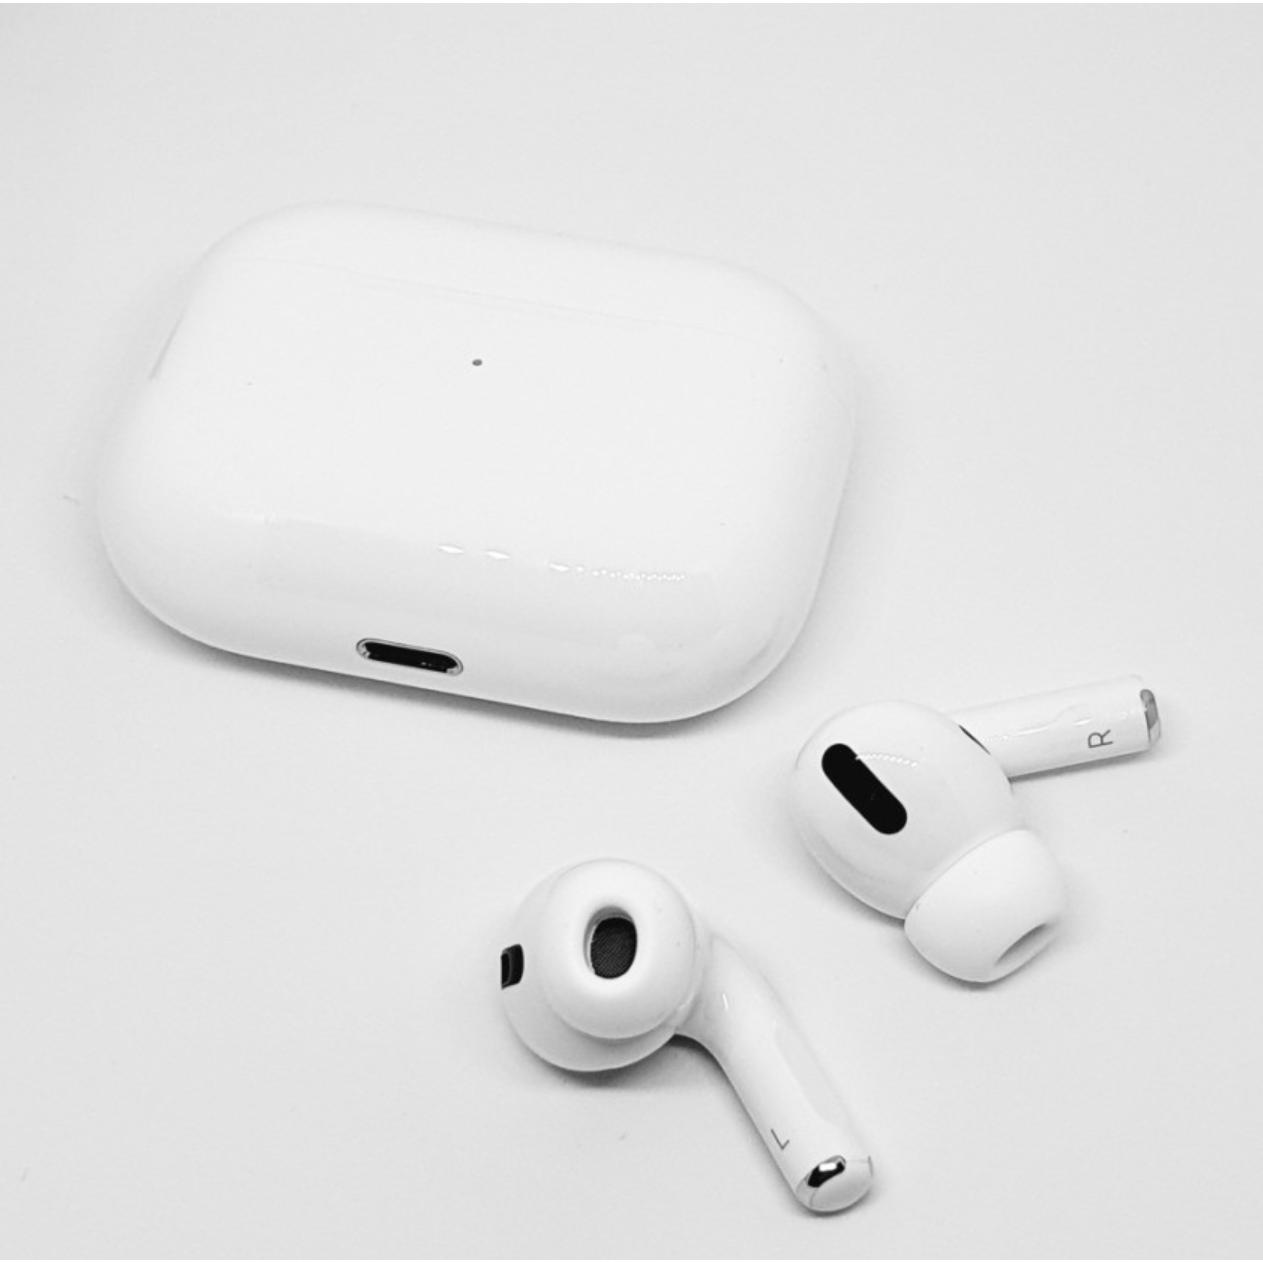 애플 에어팟프로 한쪽 왼쪽 오른쪽 본체 충전케이스 단품 낱개 판매, 에어팟 프로 본체 충전케이스(이어폰X)-5-5697648309